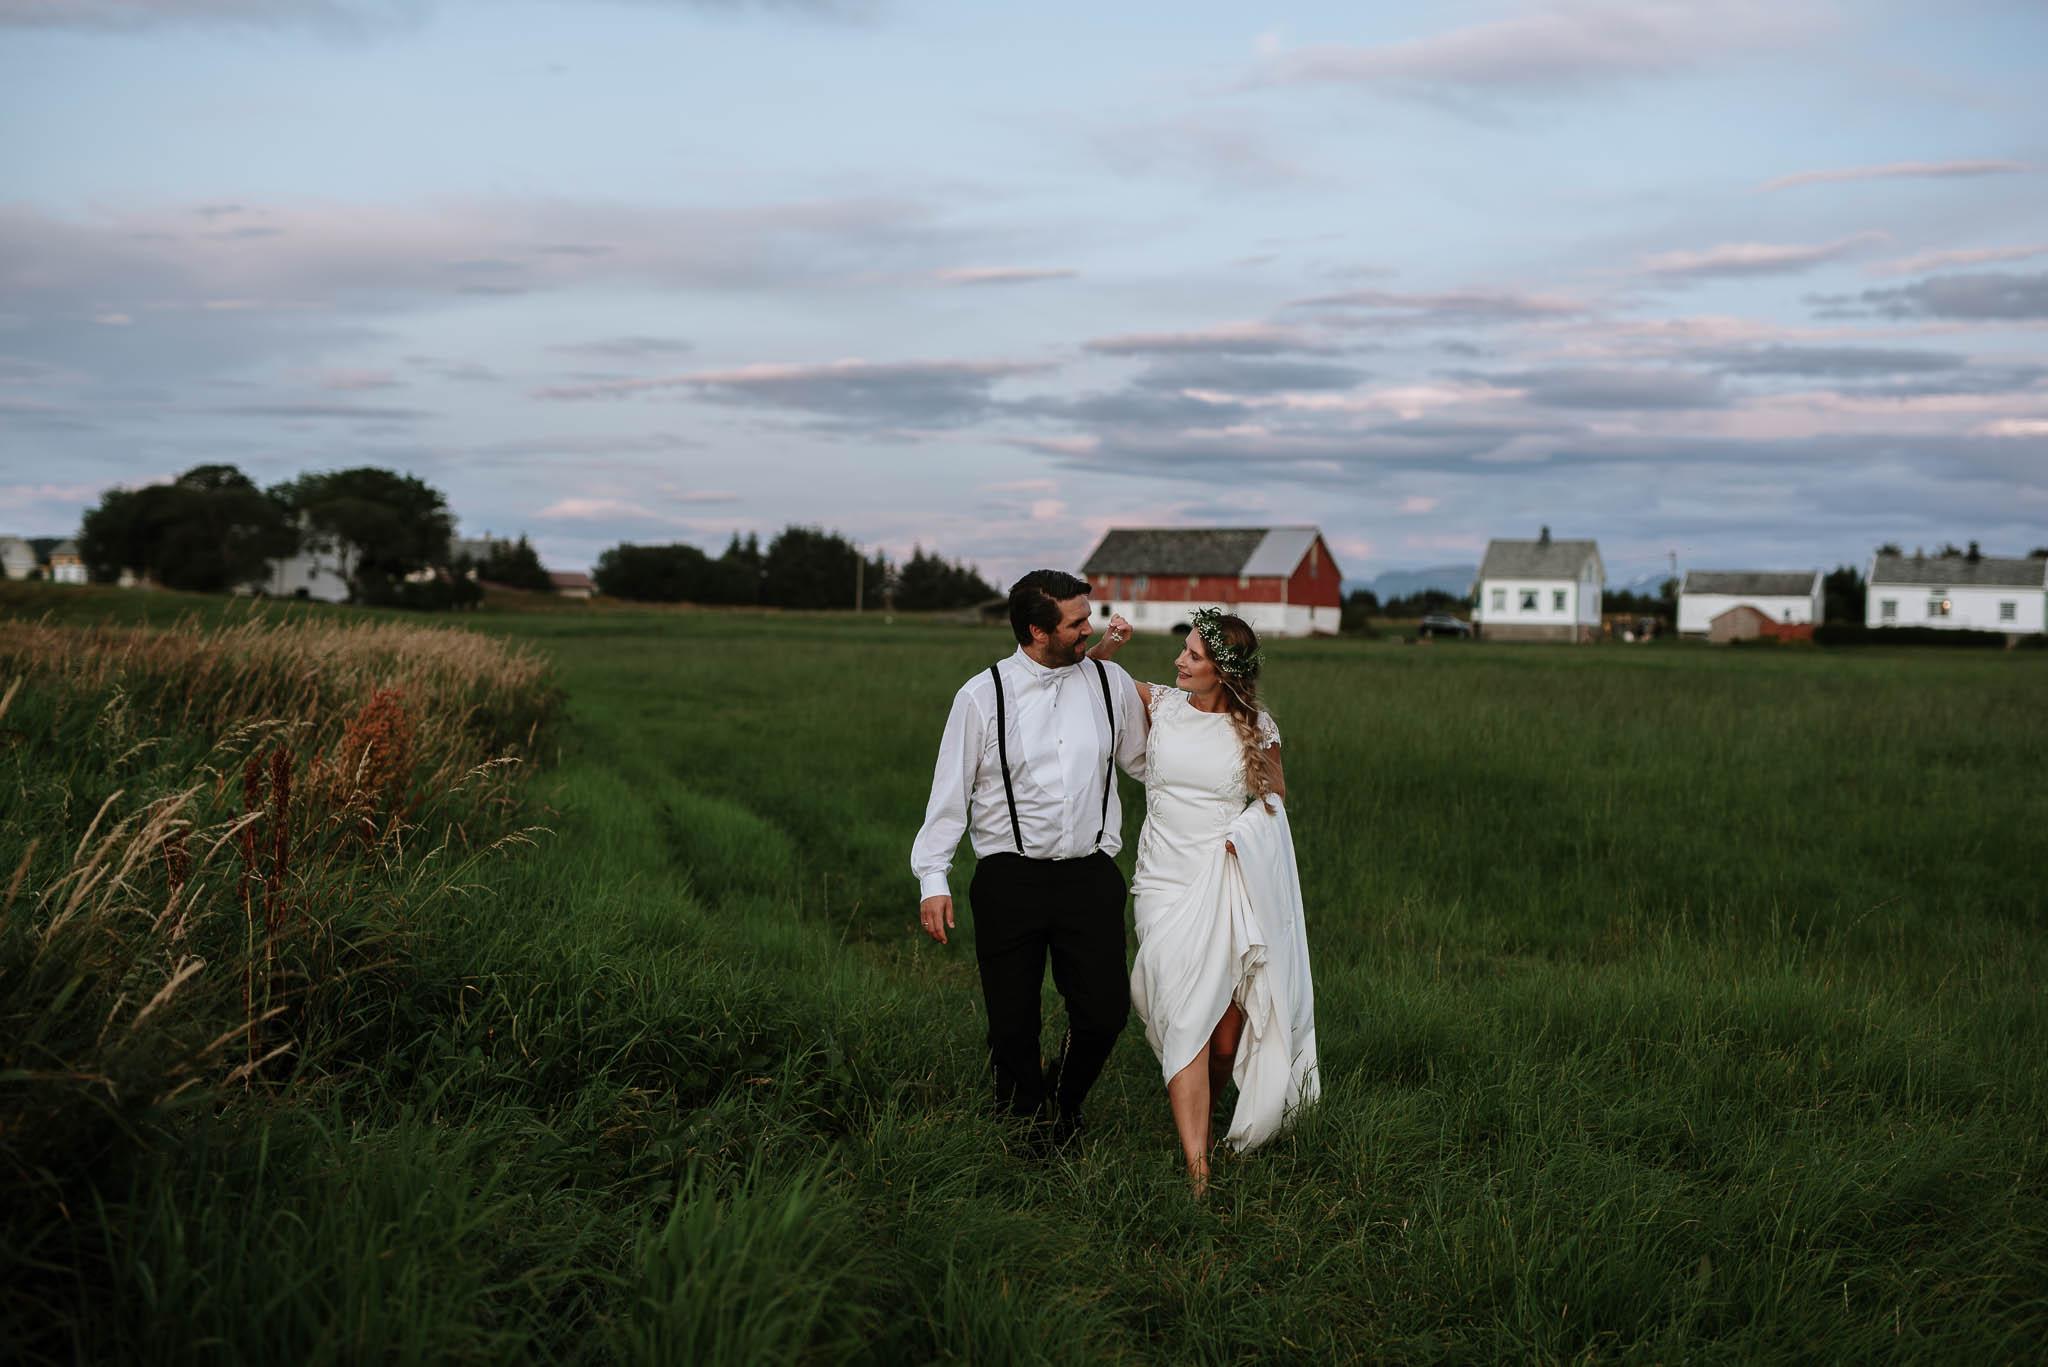 Bryllupsfotograf i Drammen - bryllup i Ålesund - Øygardshallen bryllup-102.jpg